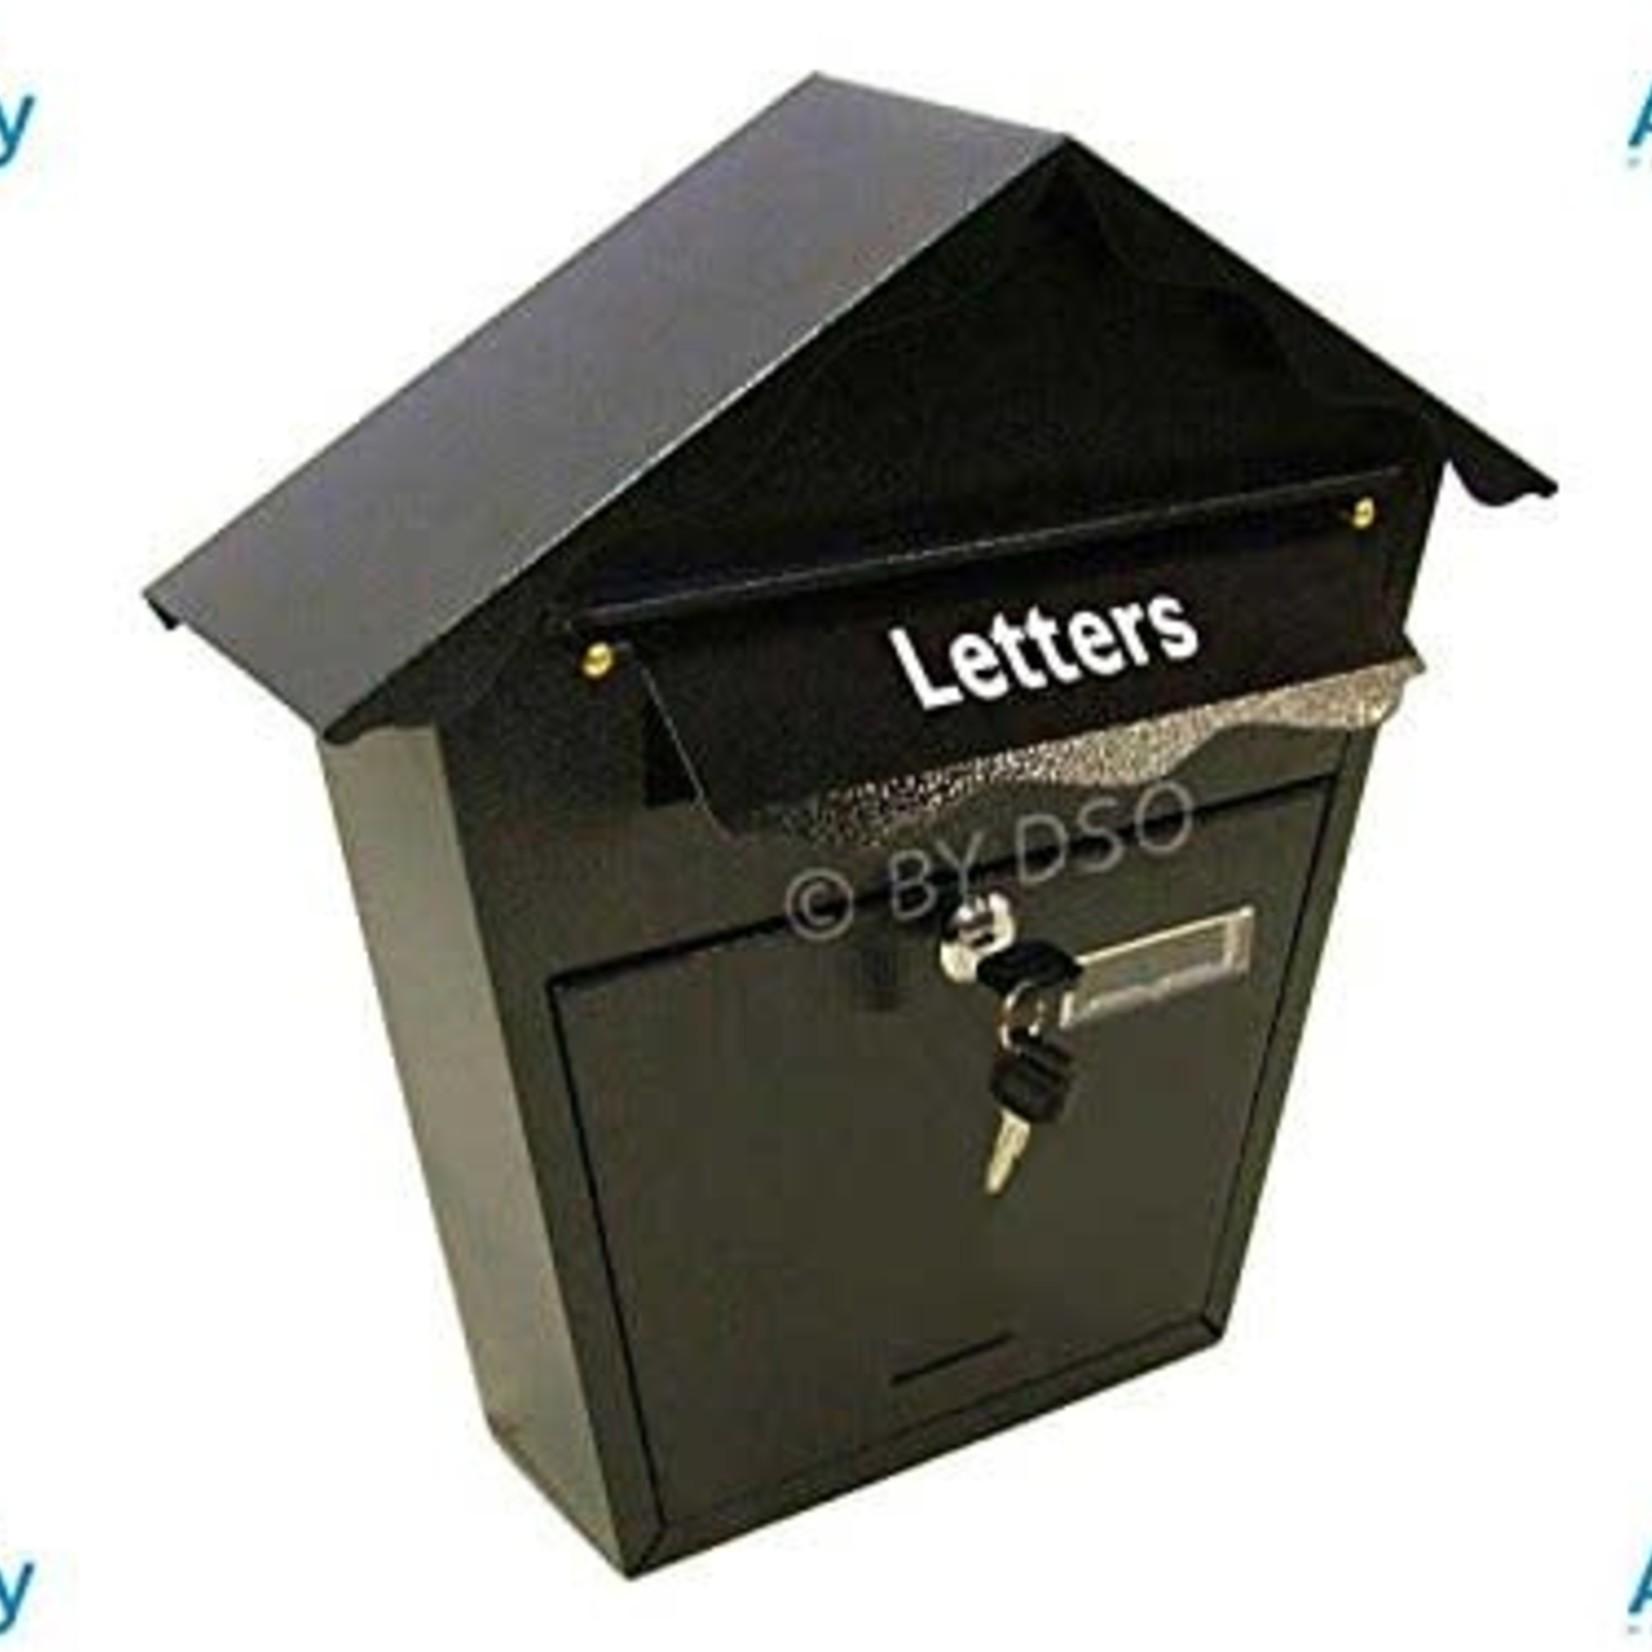 ASHLEY MAILBOX POST BOX STEEL PLATE, 360MM X 360MM X 100MM